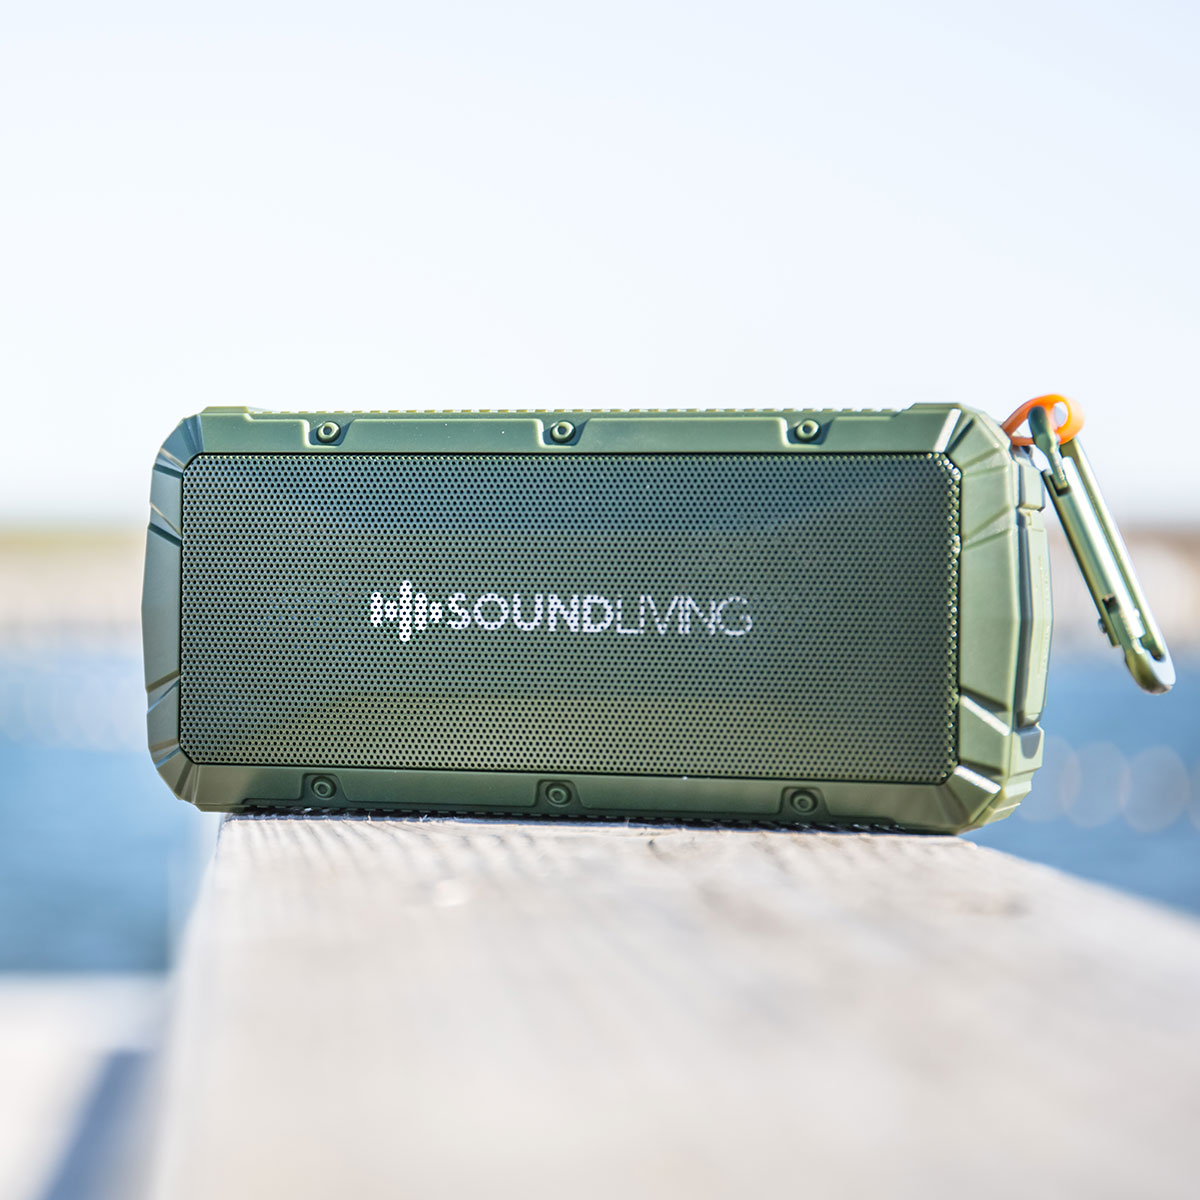 Billede af SoundLiving bluetooth højtaler - Outdoor